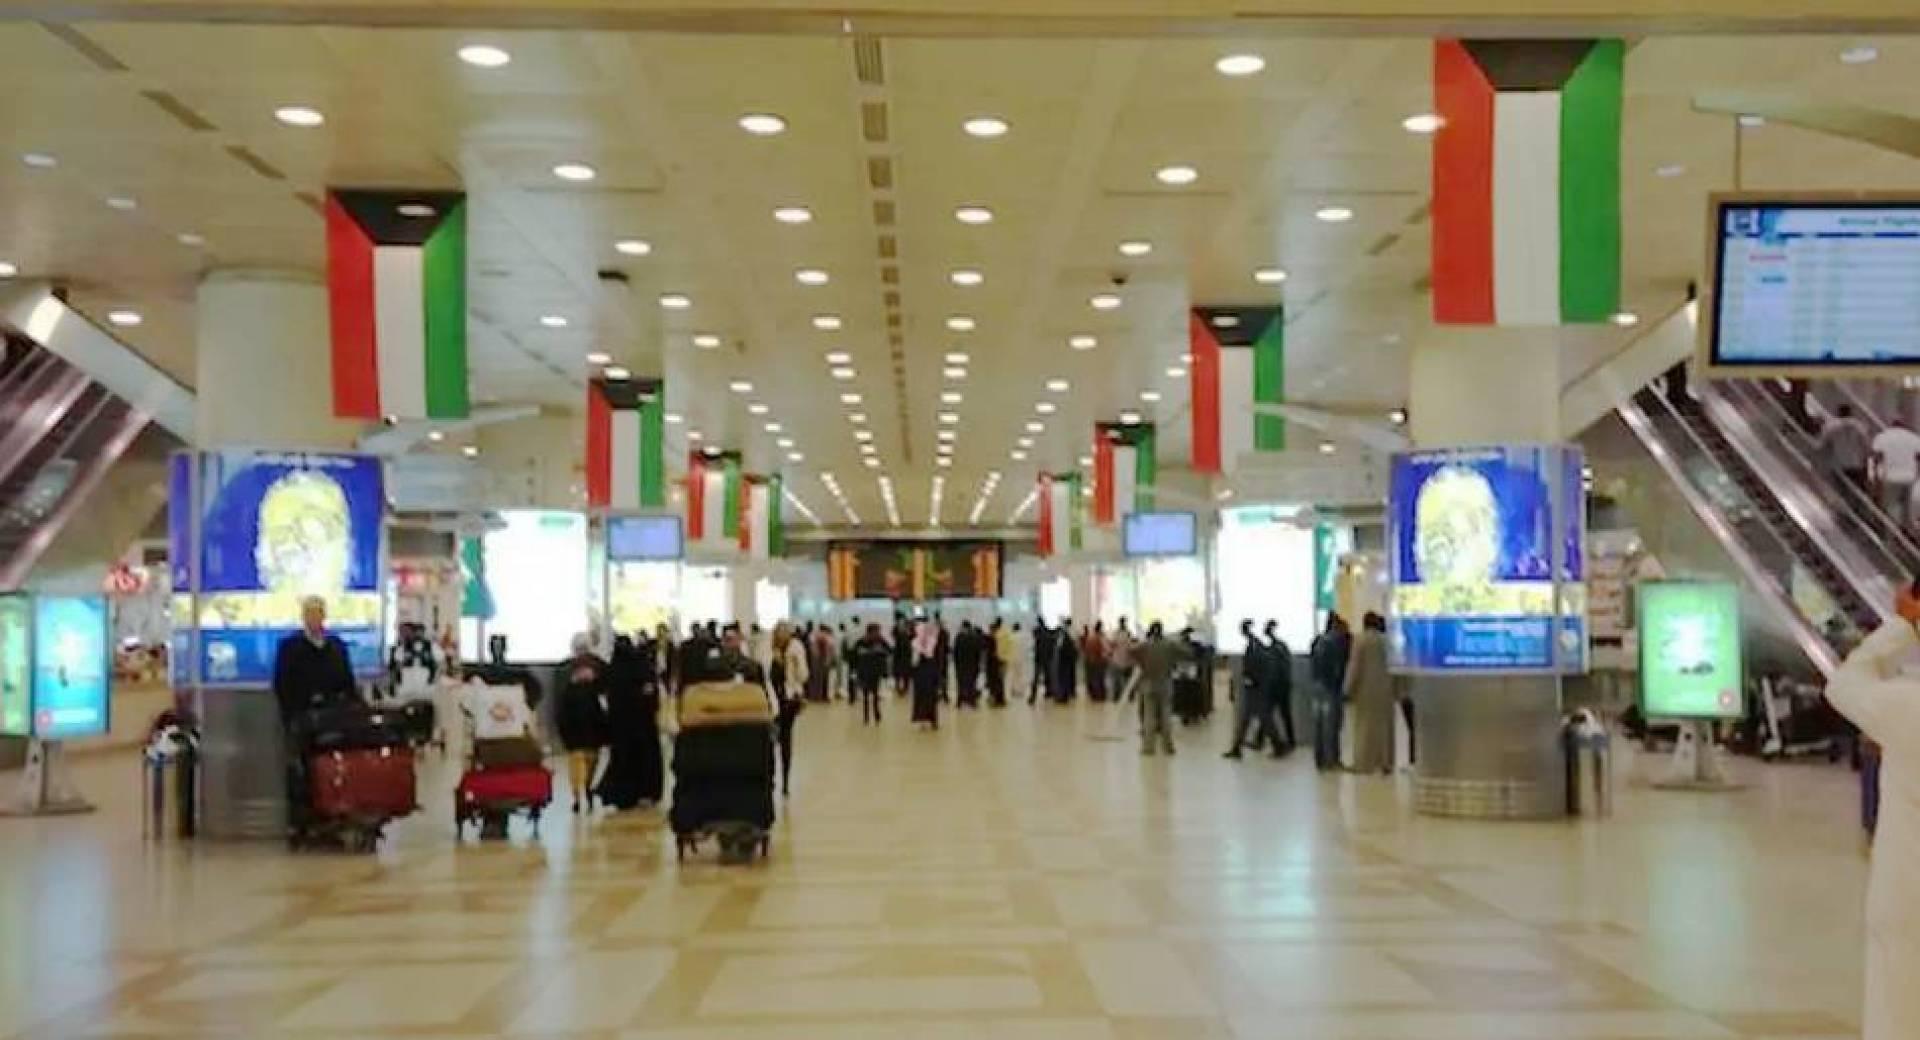 الكويت تحدد 7 دول يُمنع دخول القادمين منها إلى البلاد